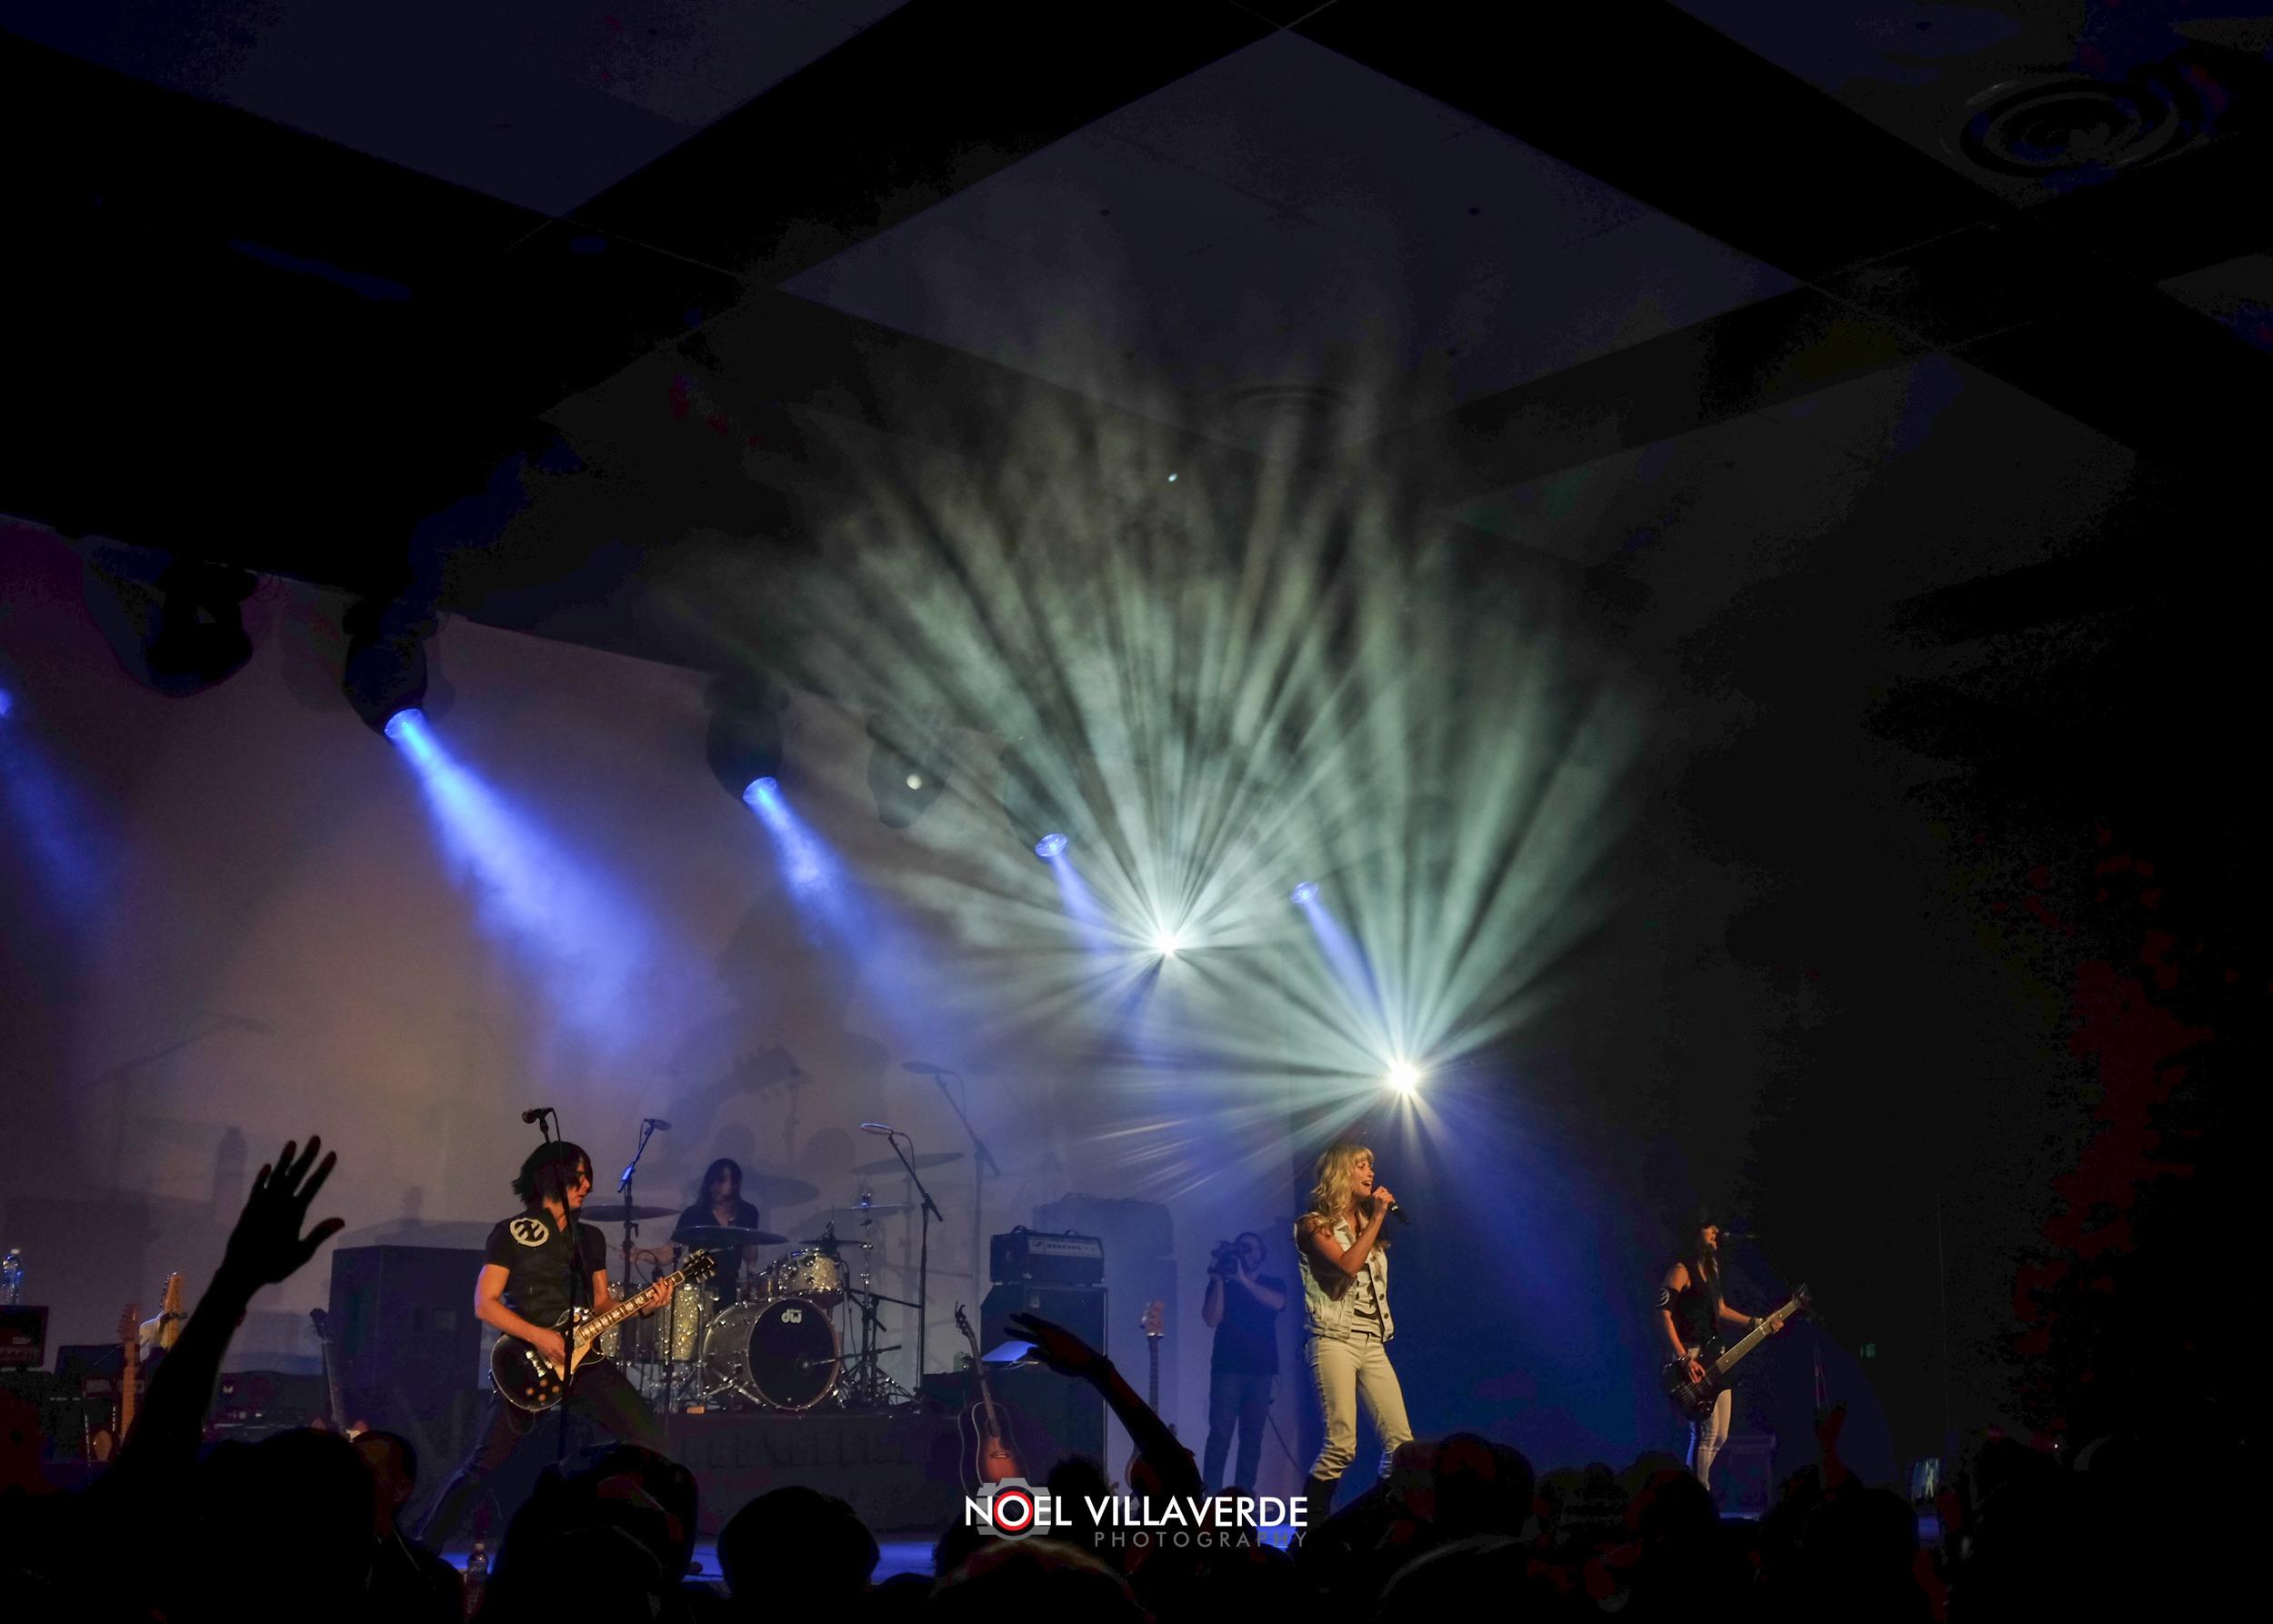 Ignition_Concert-9.jpg